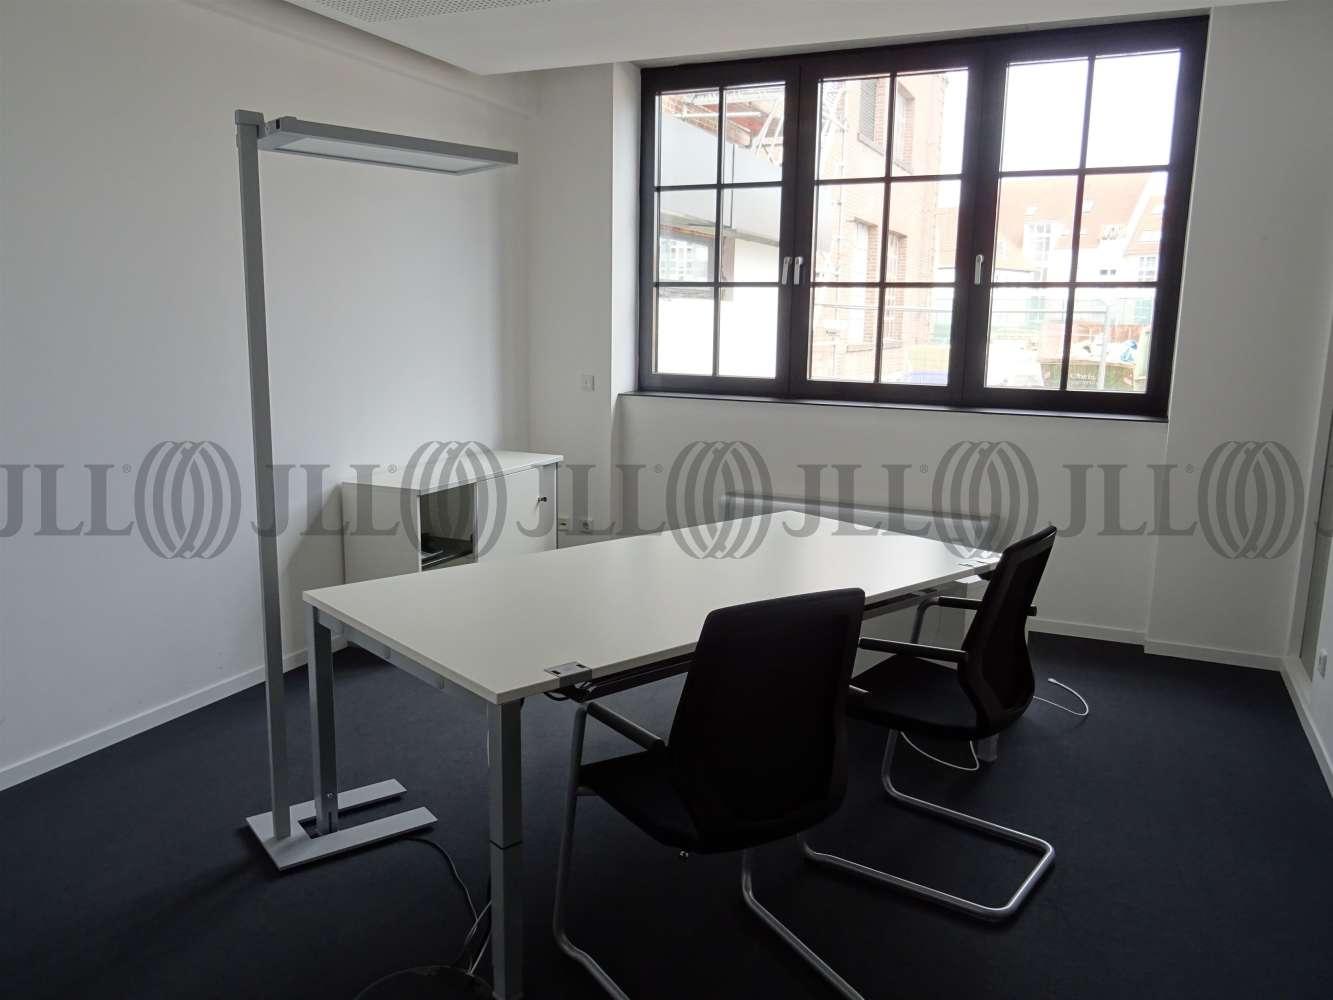 Büros Rüsselsheim am main, 65428 - Büro - Rüsselsheim am Main, Rüsselsheim - F2501 - 9621574